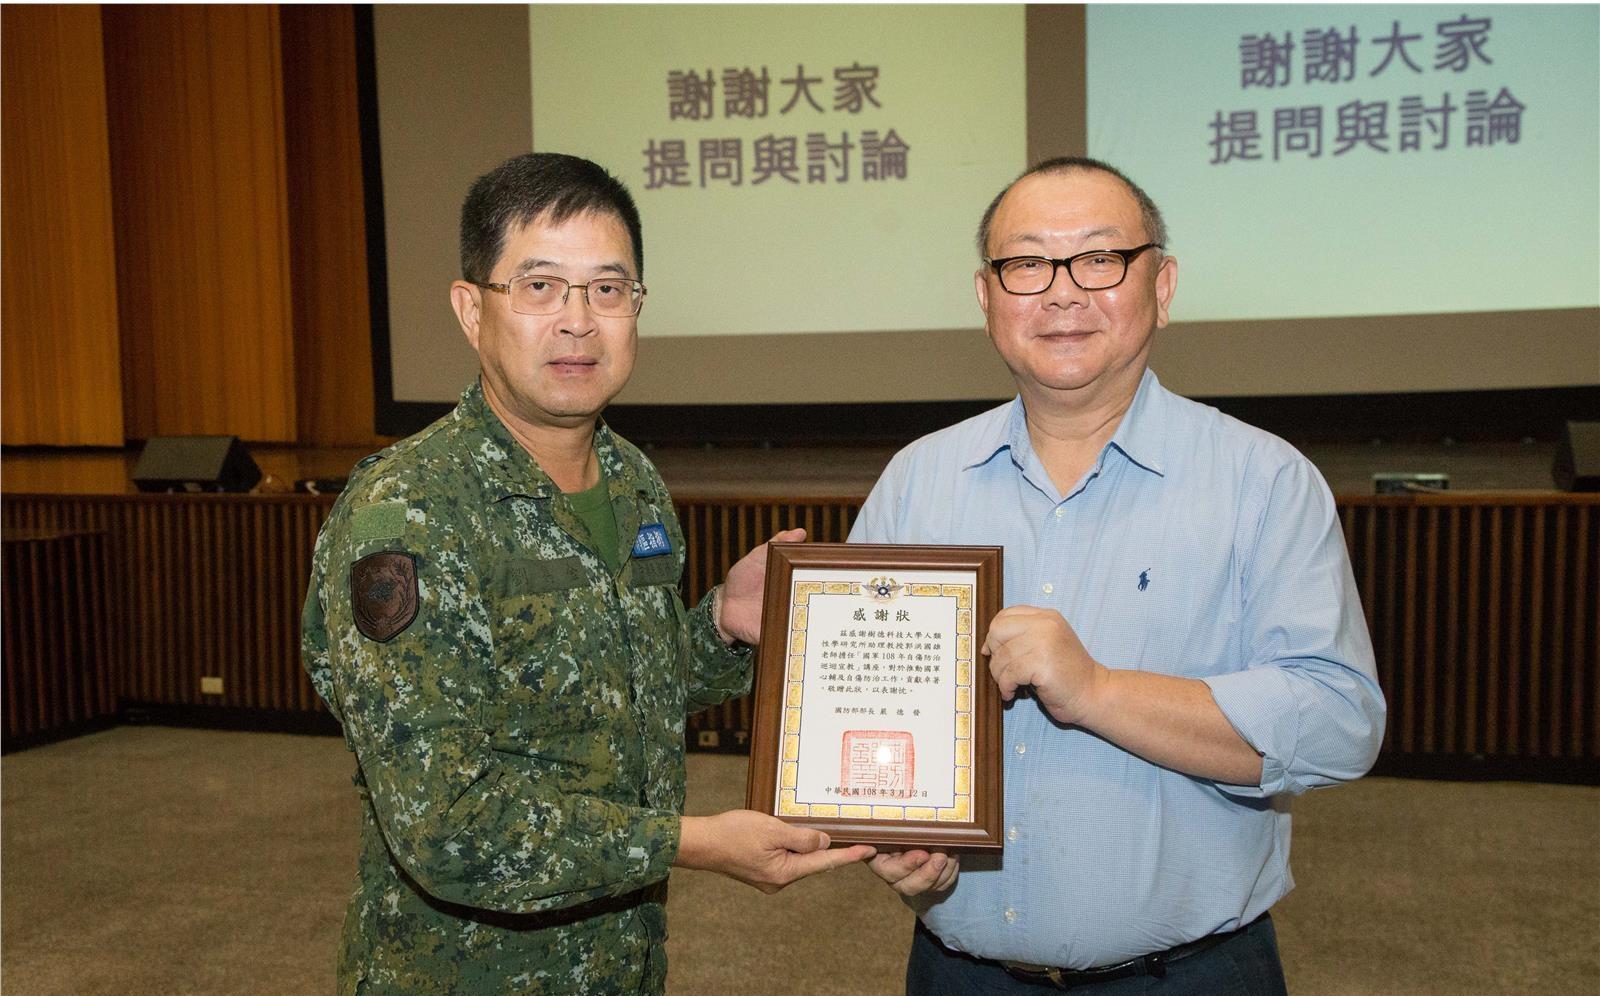 指揮官劉中將頒贈郭洪國雄老師感謝狀。(軍聞社記者莊家宏攝)